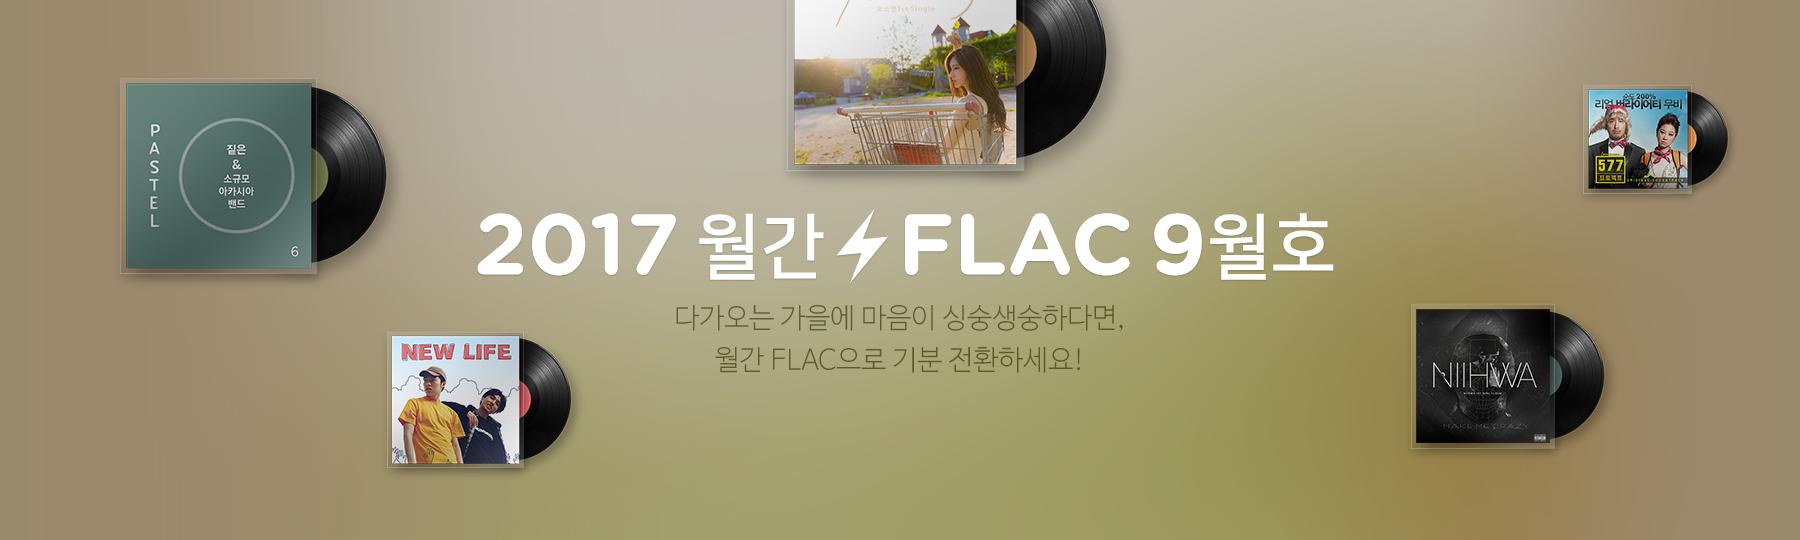 2017 월간 FLAC 9월호